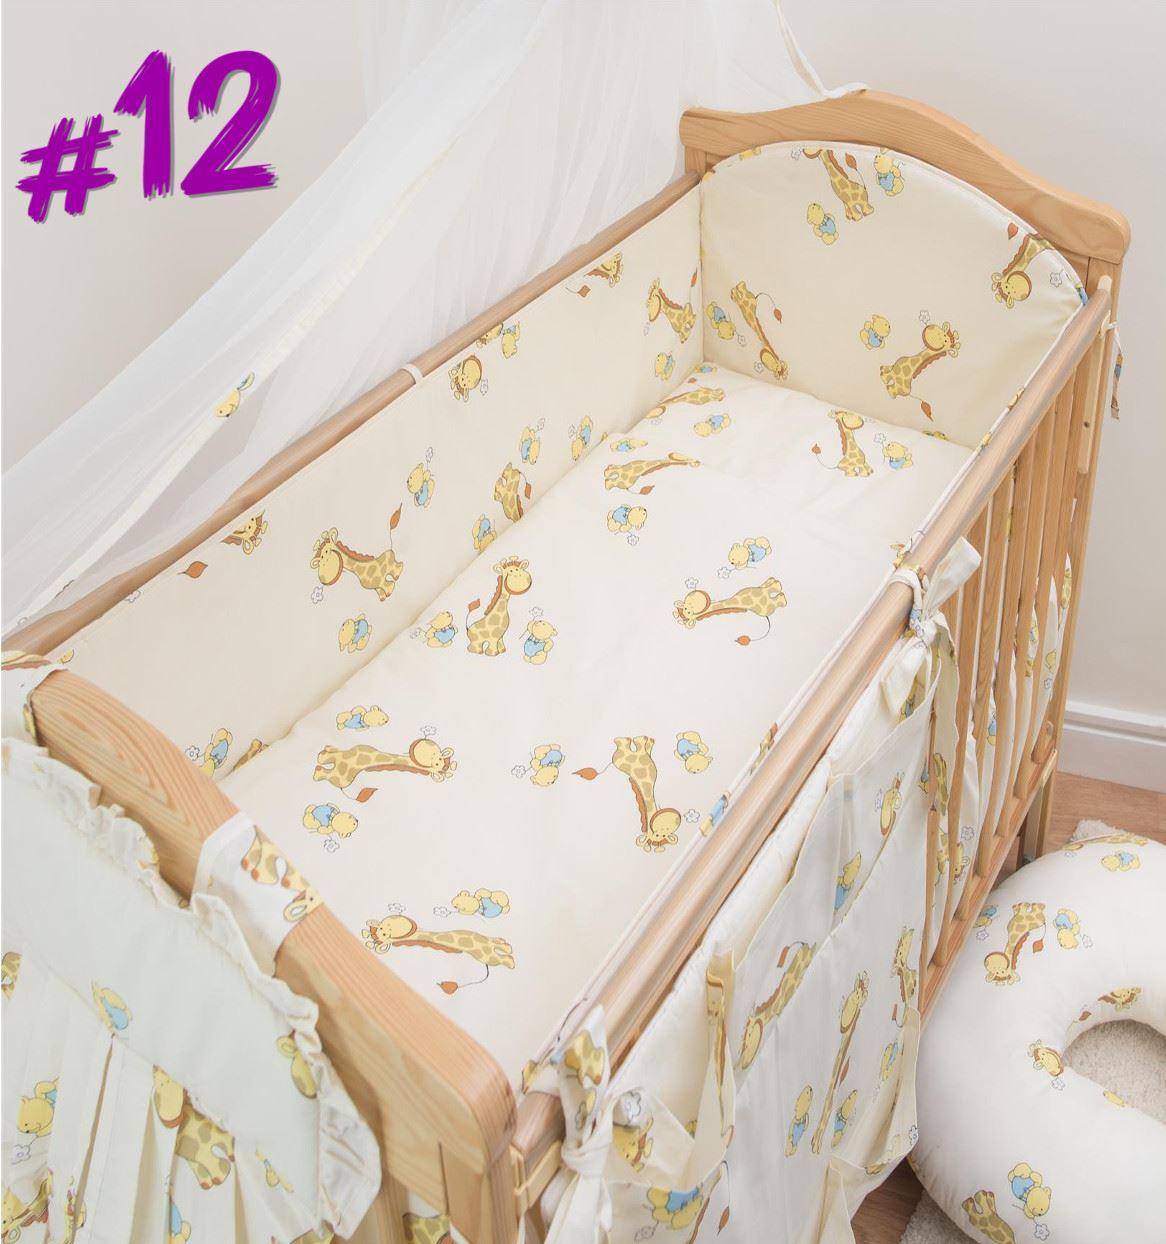 rundum cot kinderbett nestchen 4 seitig polster mit muster or schlicht ebay. Black Bedroom Furniture Sets. Home Design Ideas